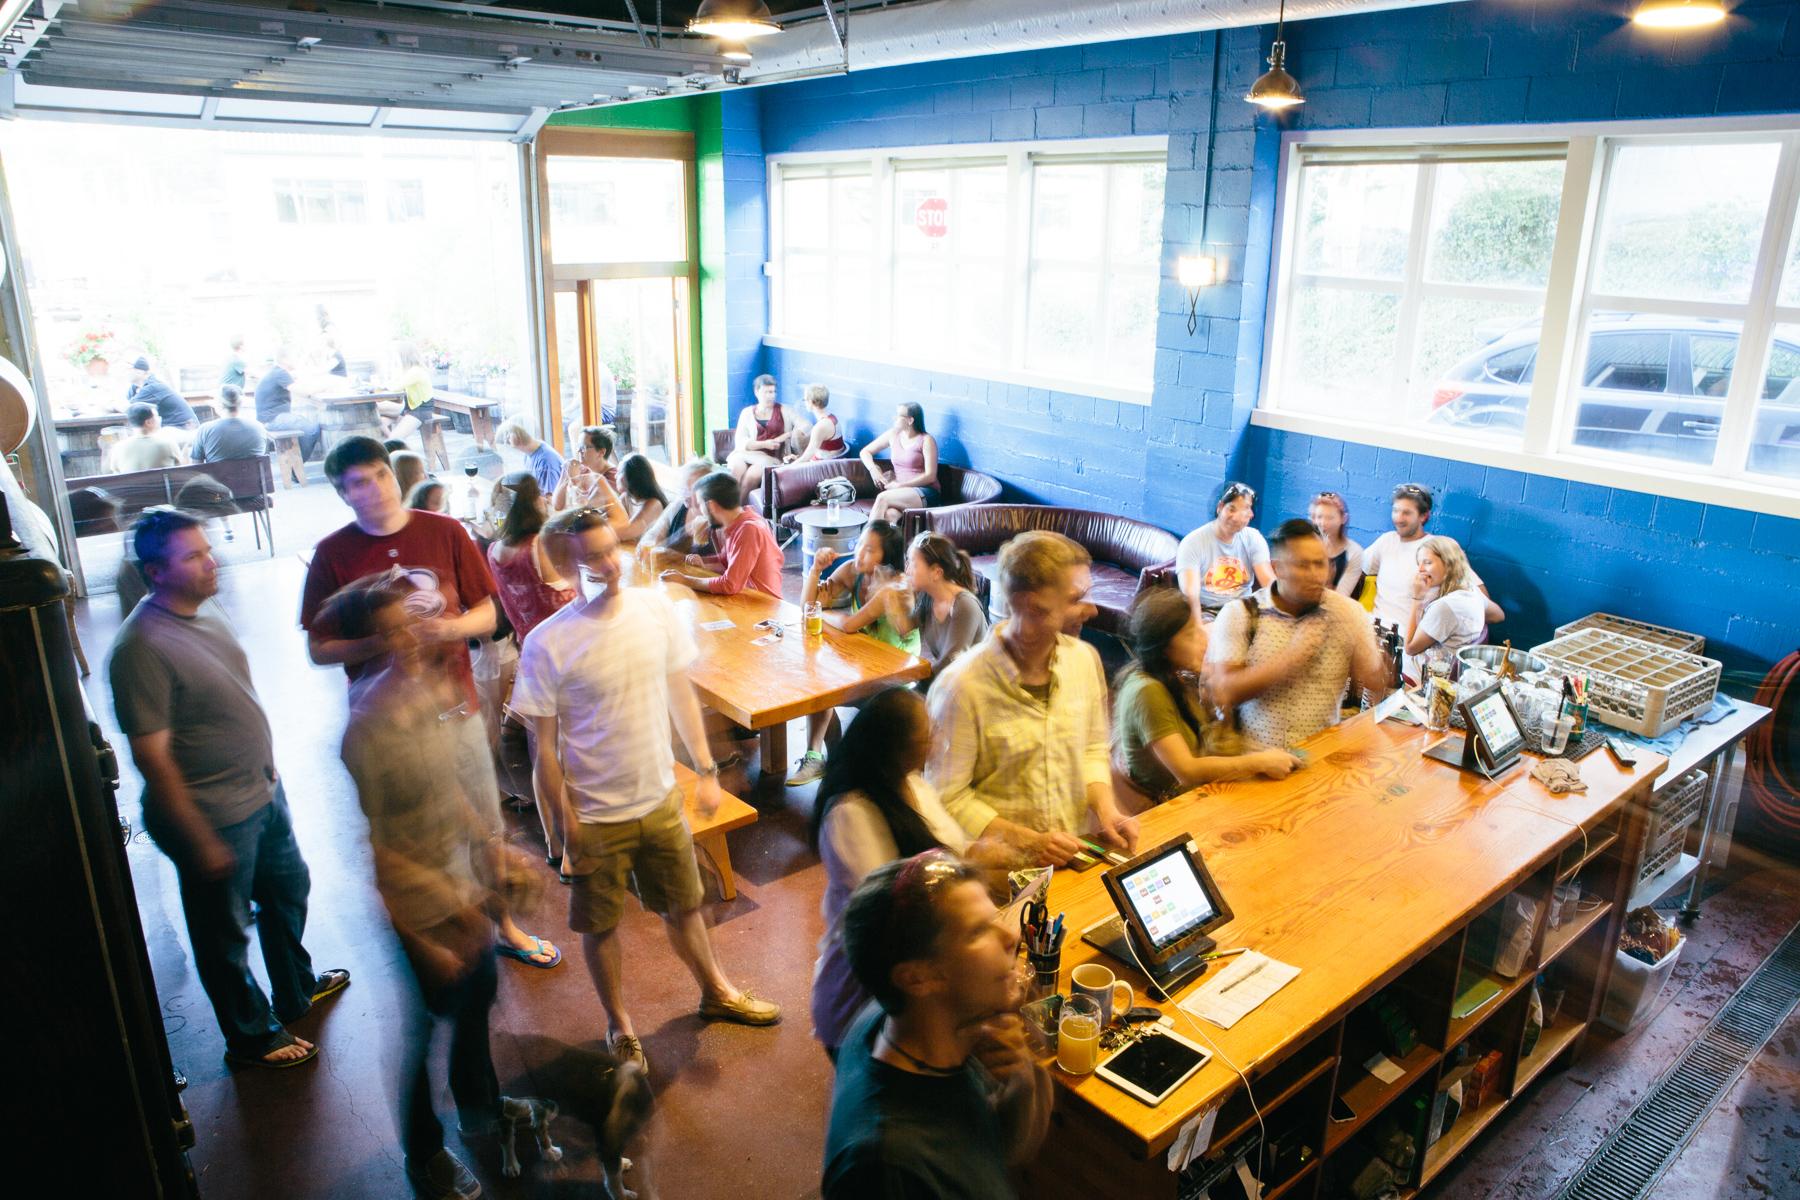 Customers looking at beer menu board